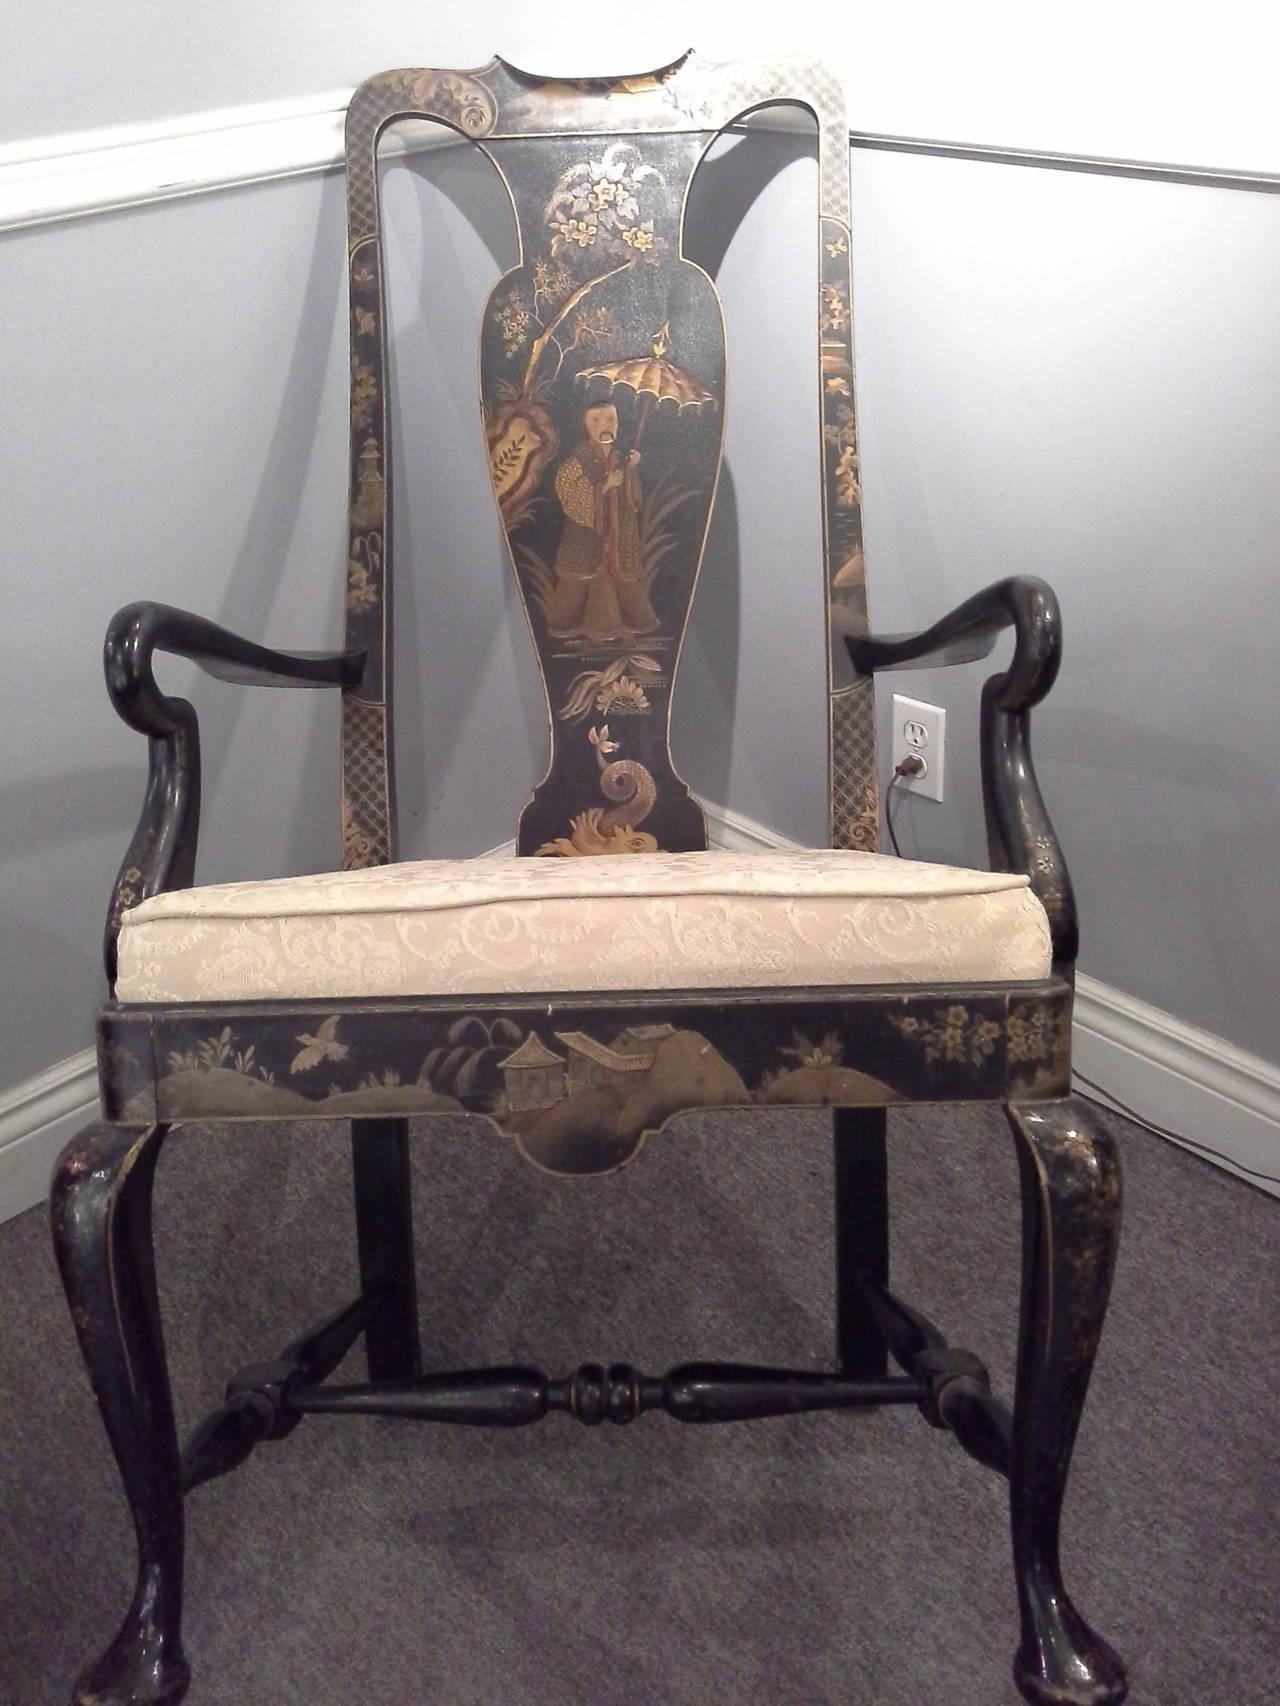 Midcentury Japaned Black Armchair Painted In Relief Scenes